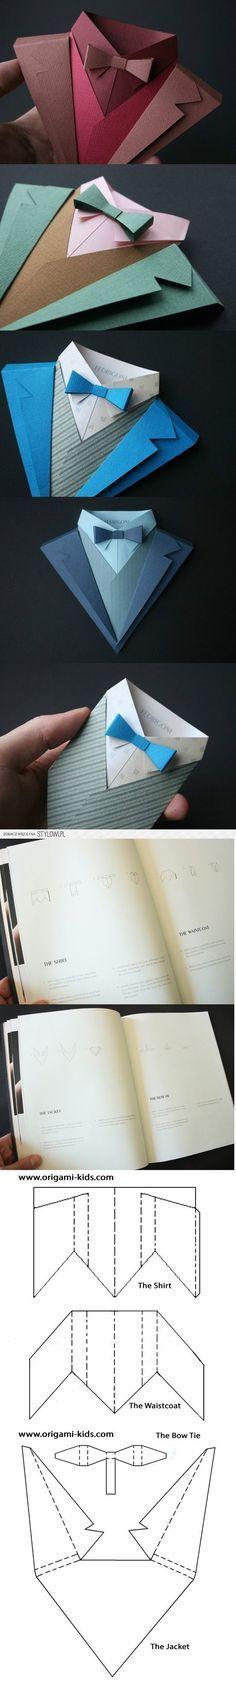 Camisa Fedrigoni - Origami. jonathan-shackleton: